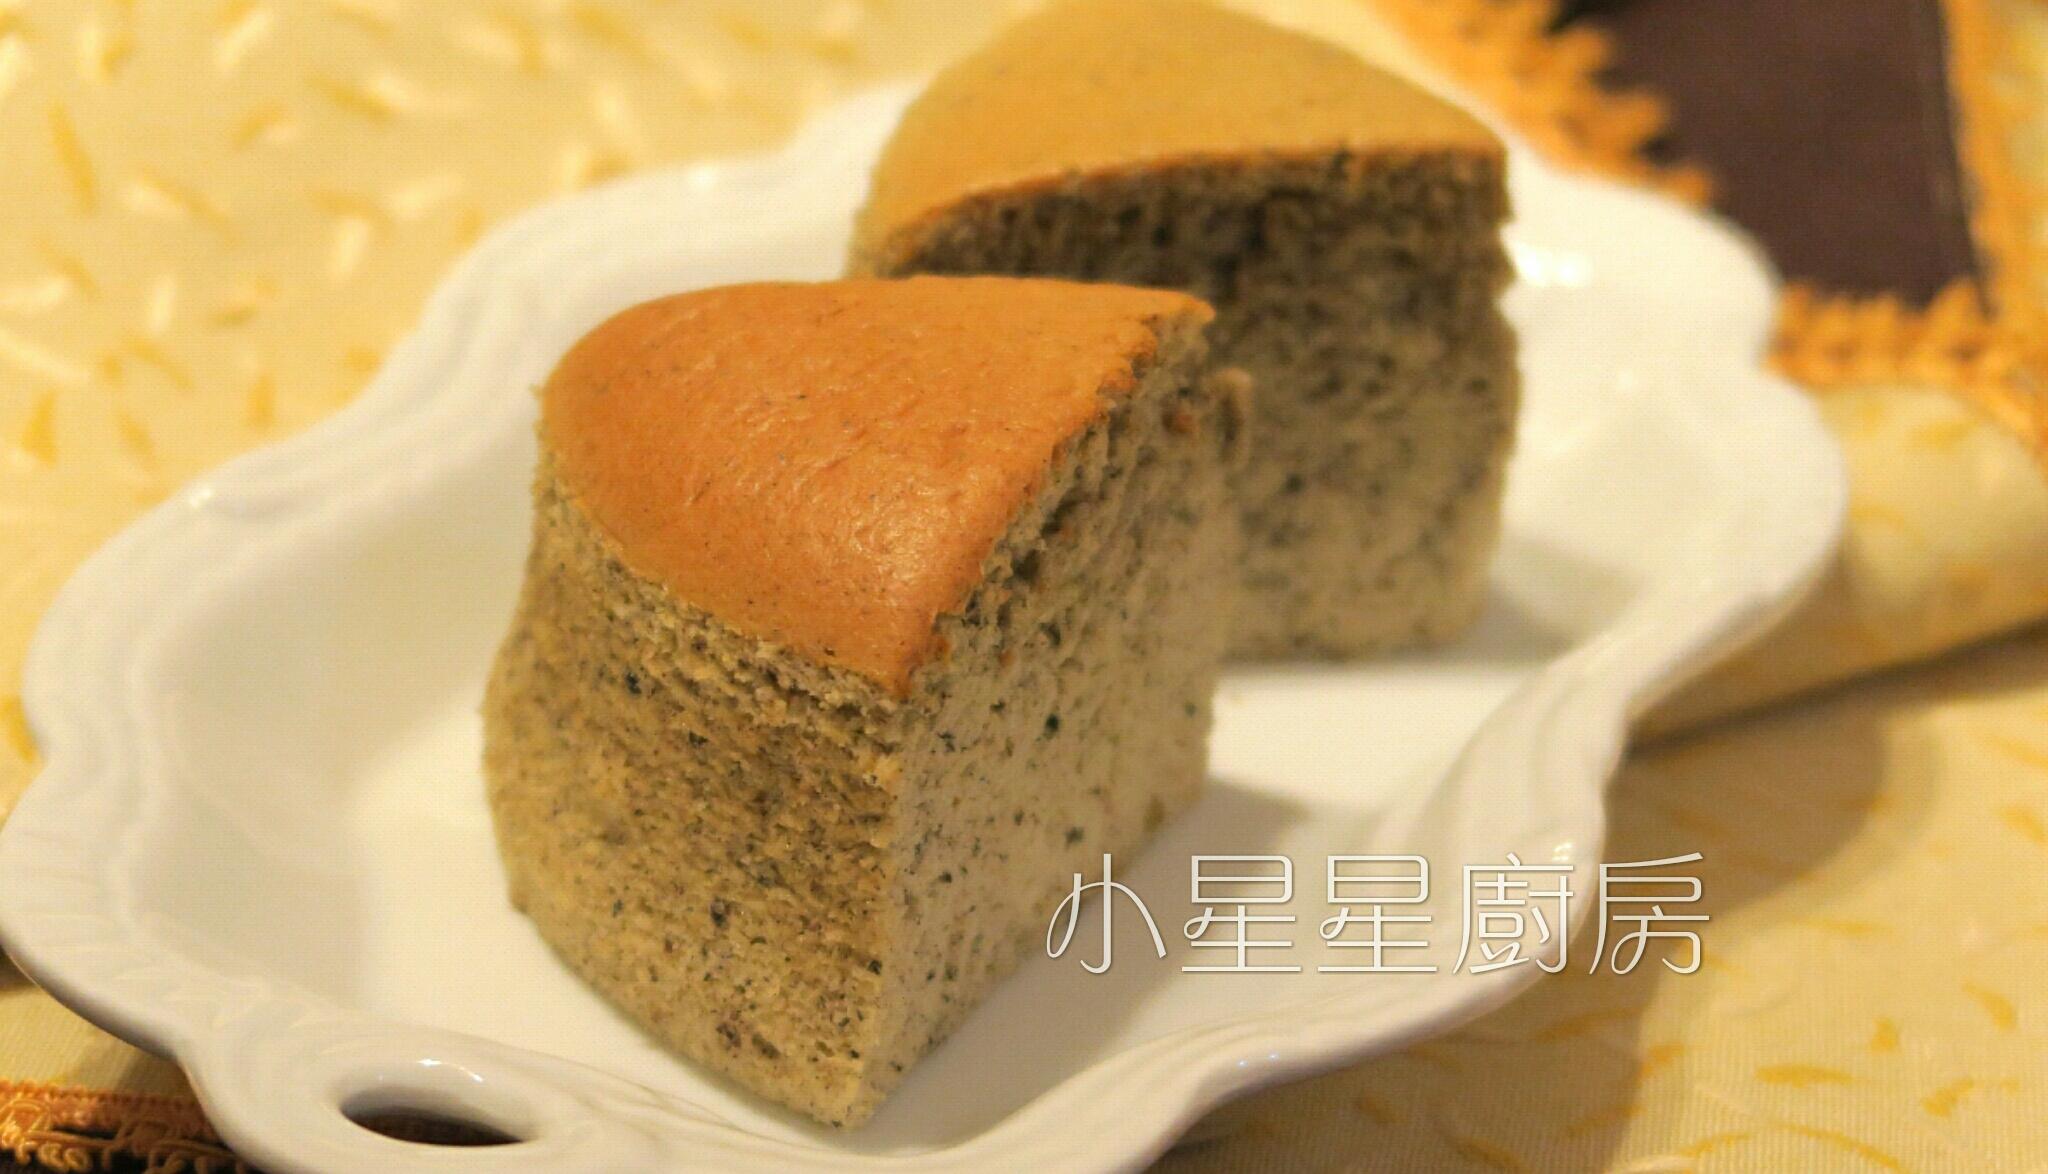 黑芝麻煉乳棉花蛋糕